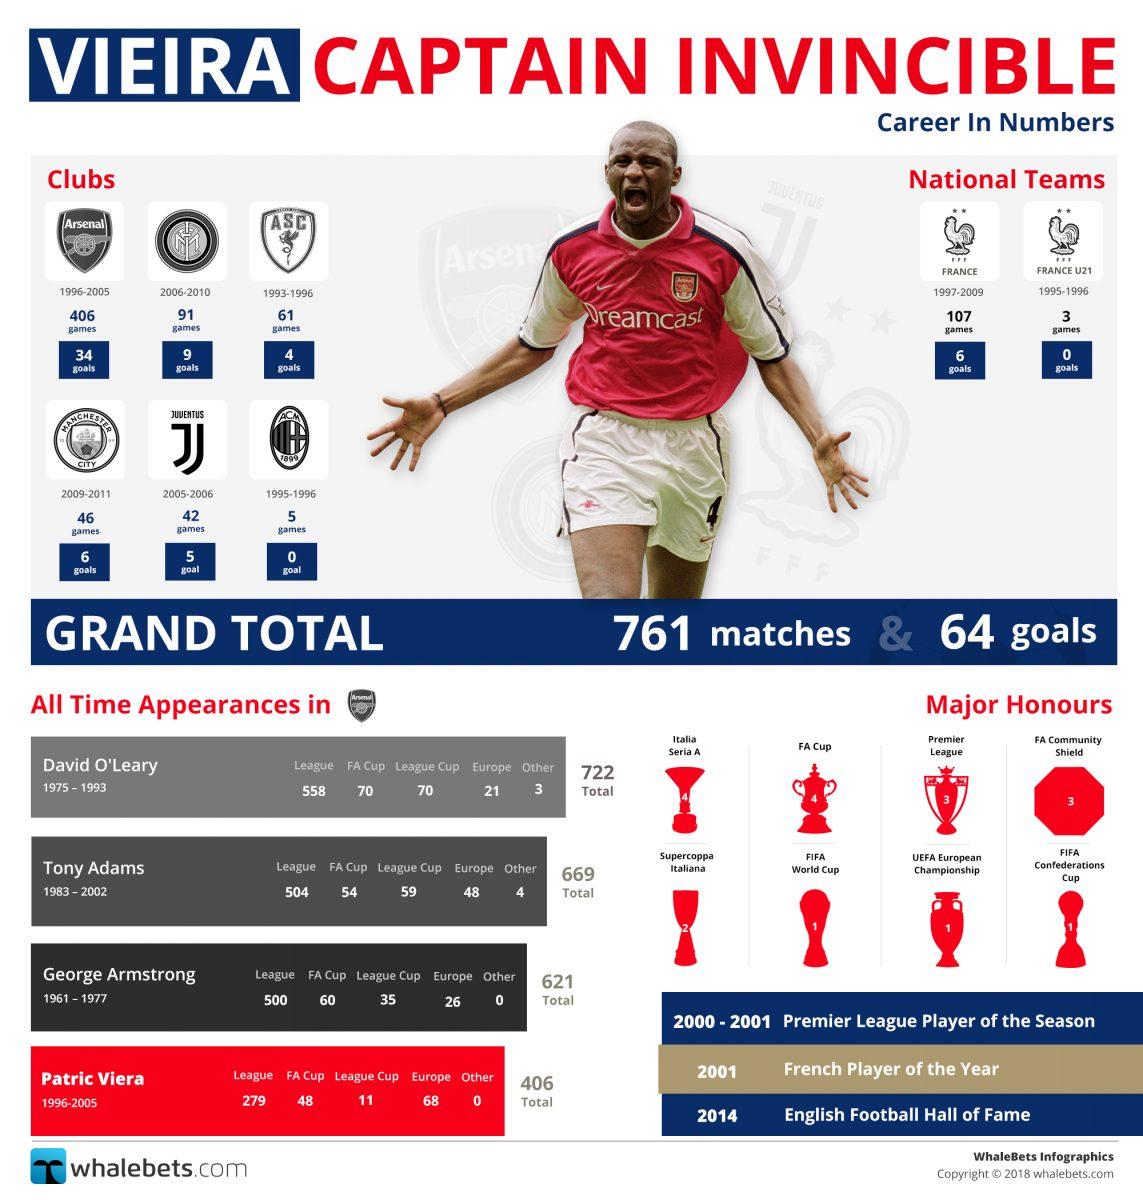 Vieira - Captain Invincible